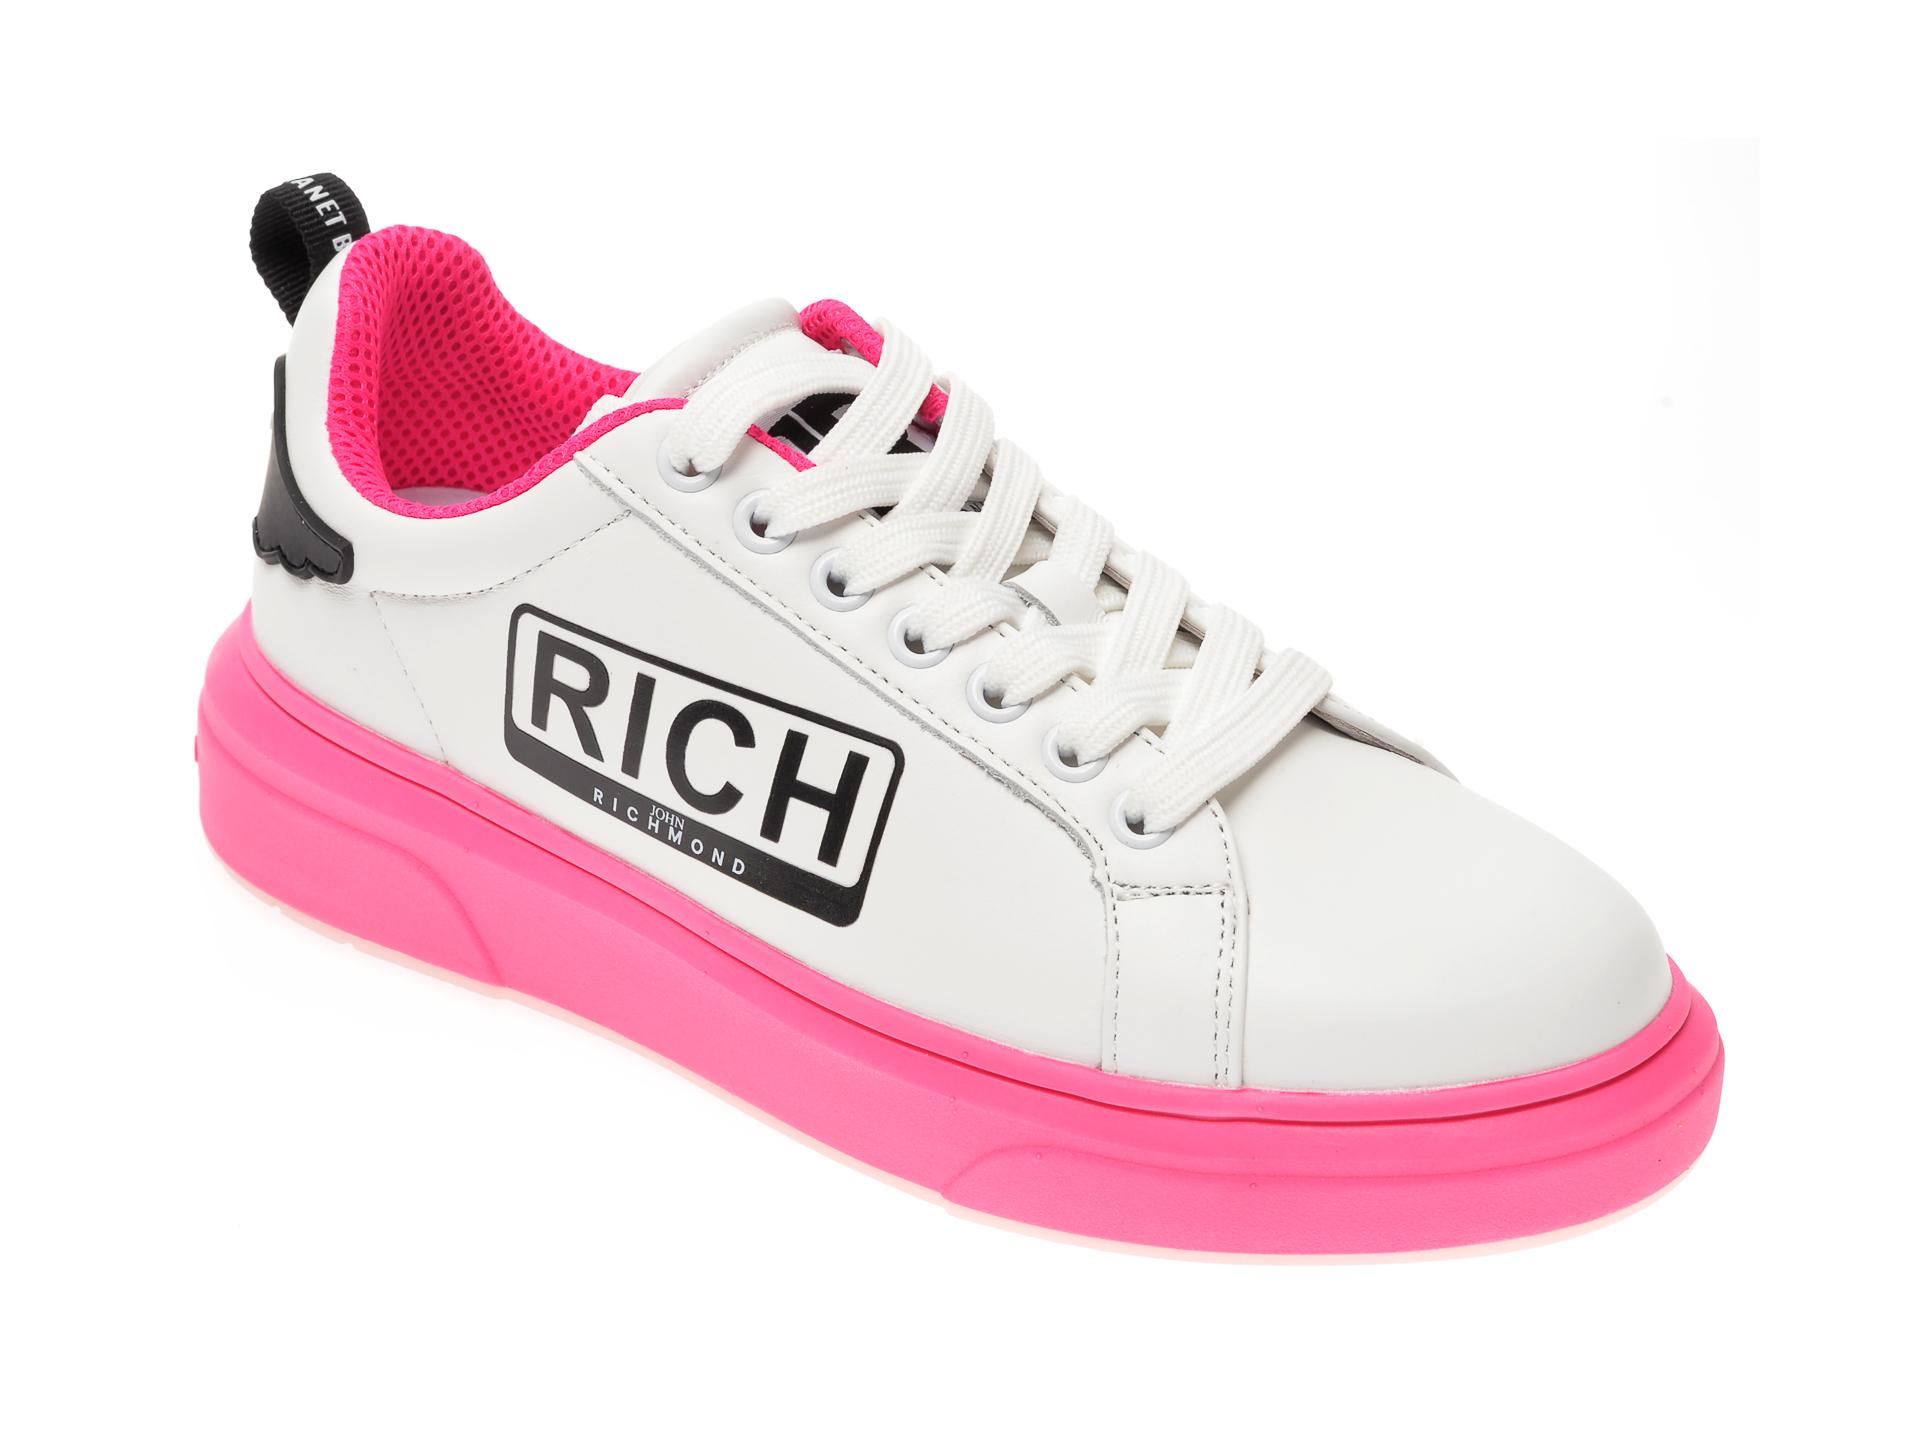 Pantofi sport JOHN RICHMOND albi, 1226, din piele naturala